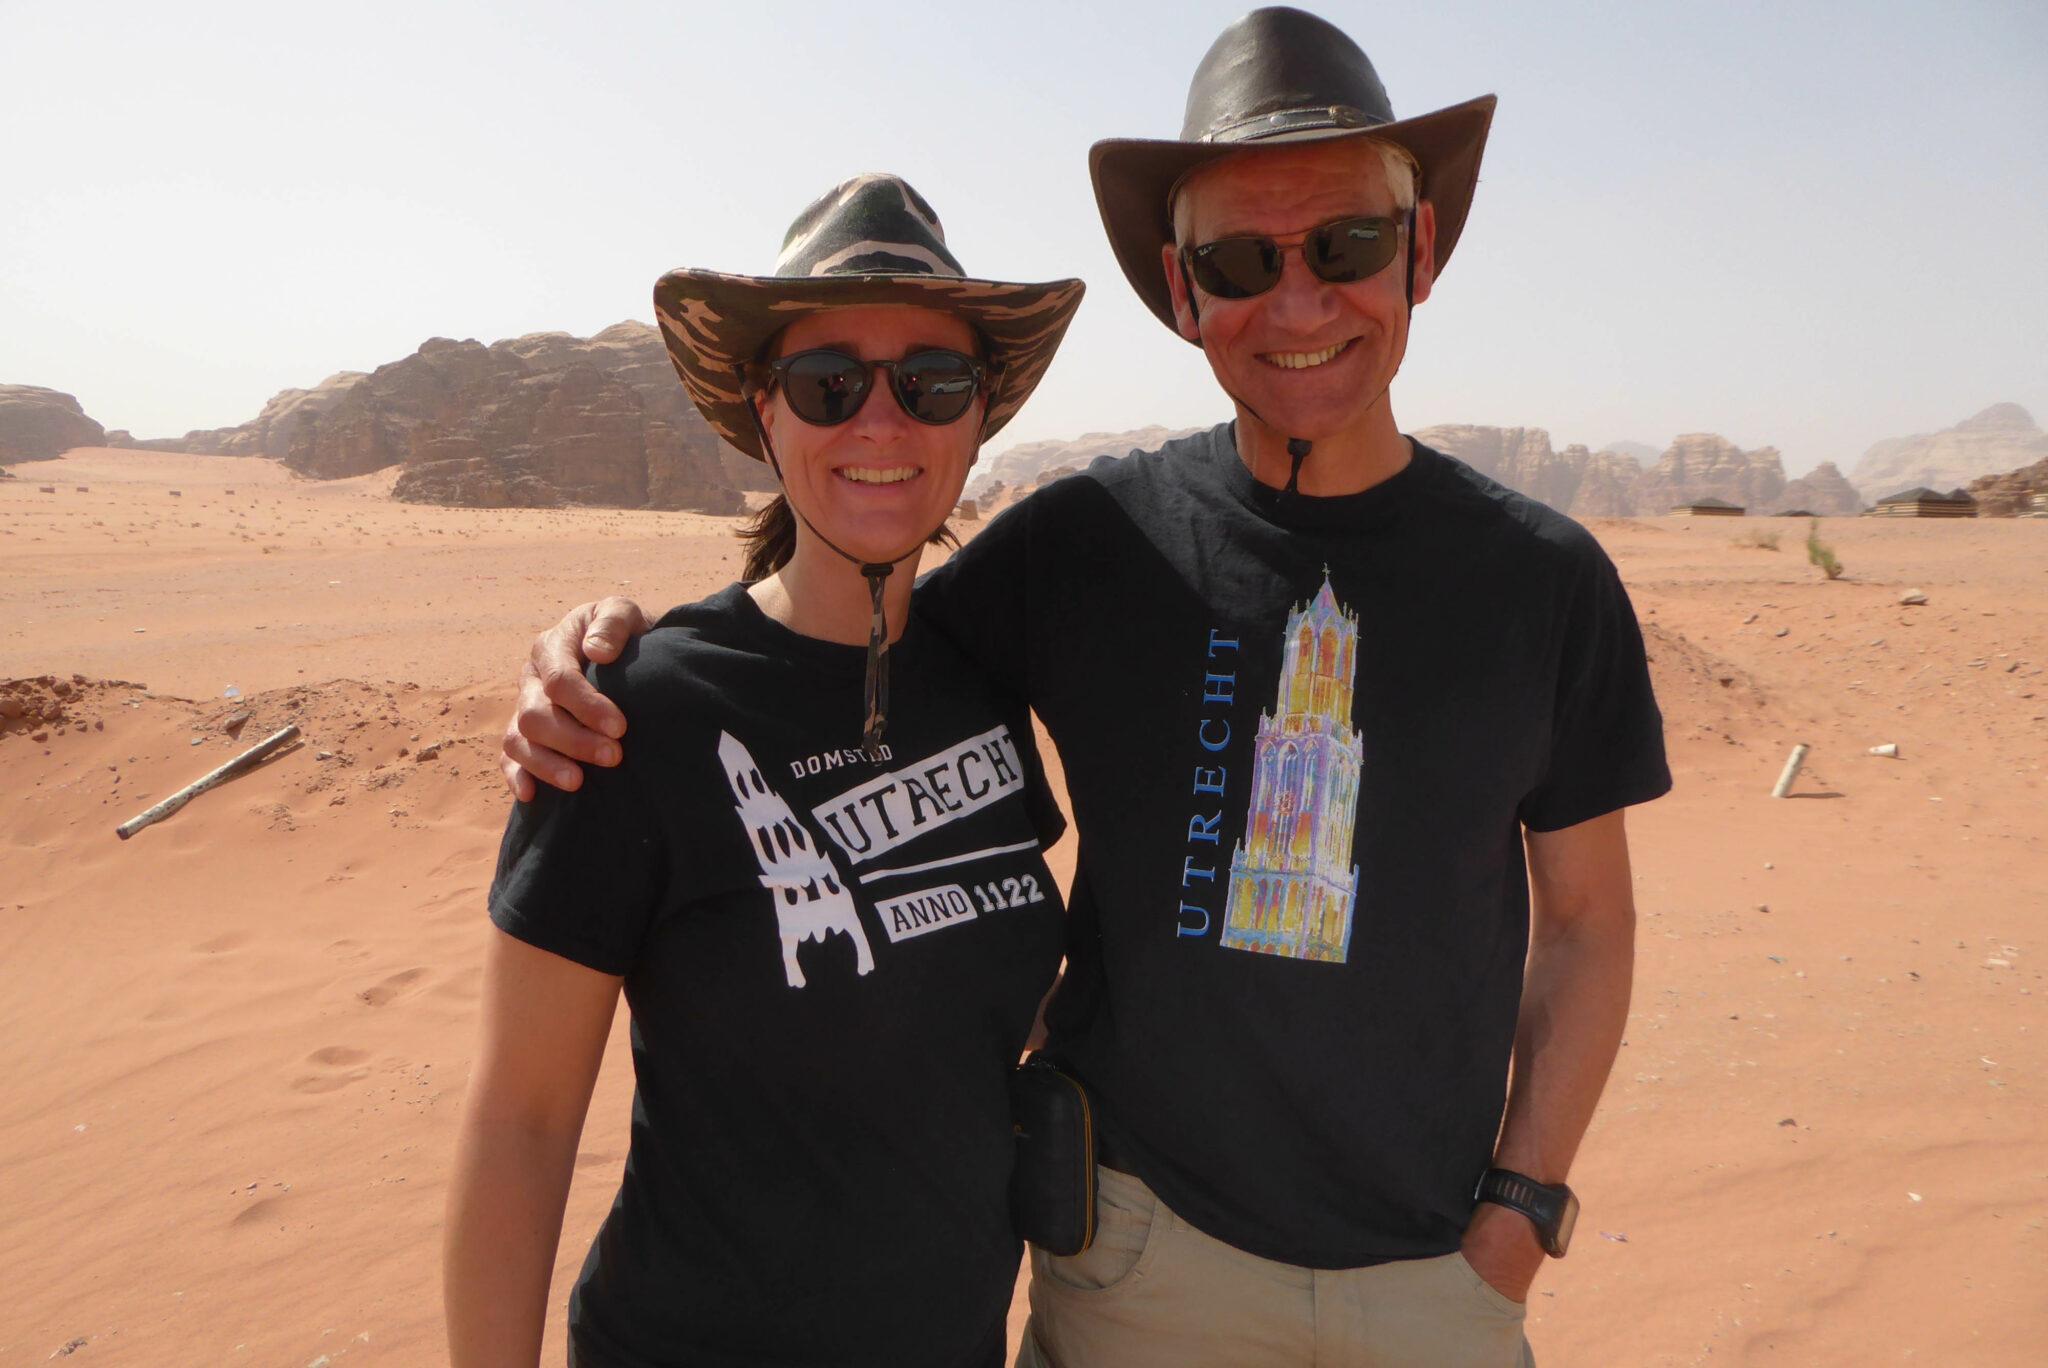 Anika en haar man in hun mooie Utrecht-shirts.